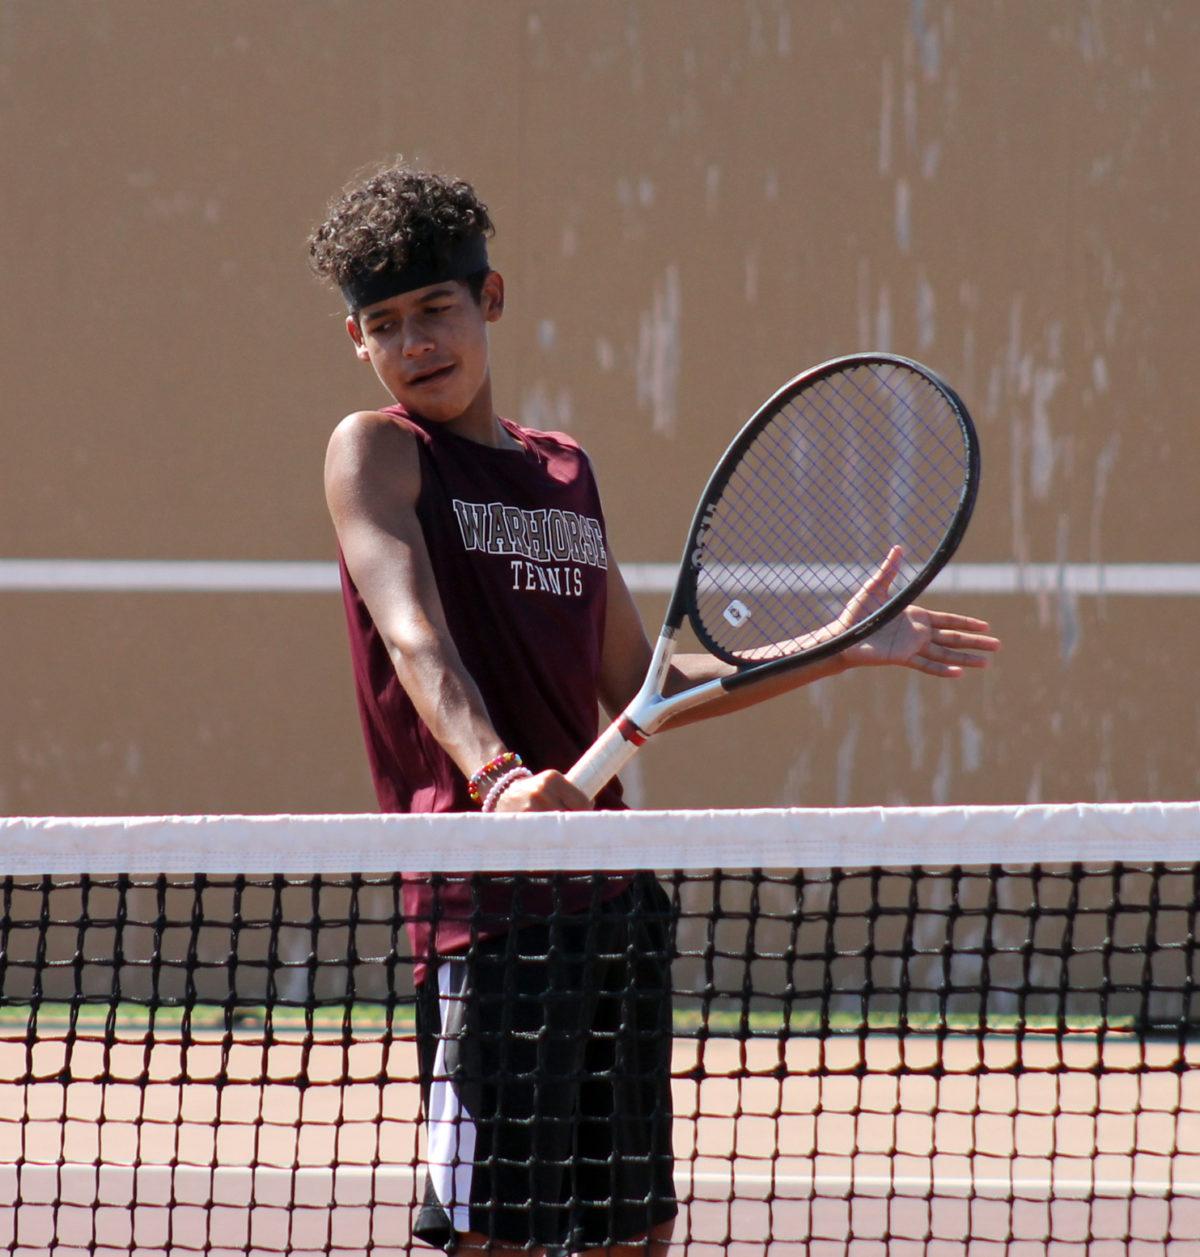 Team Tennis beats Somerset 17-2 in practice match